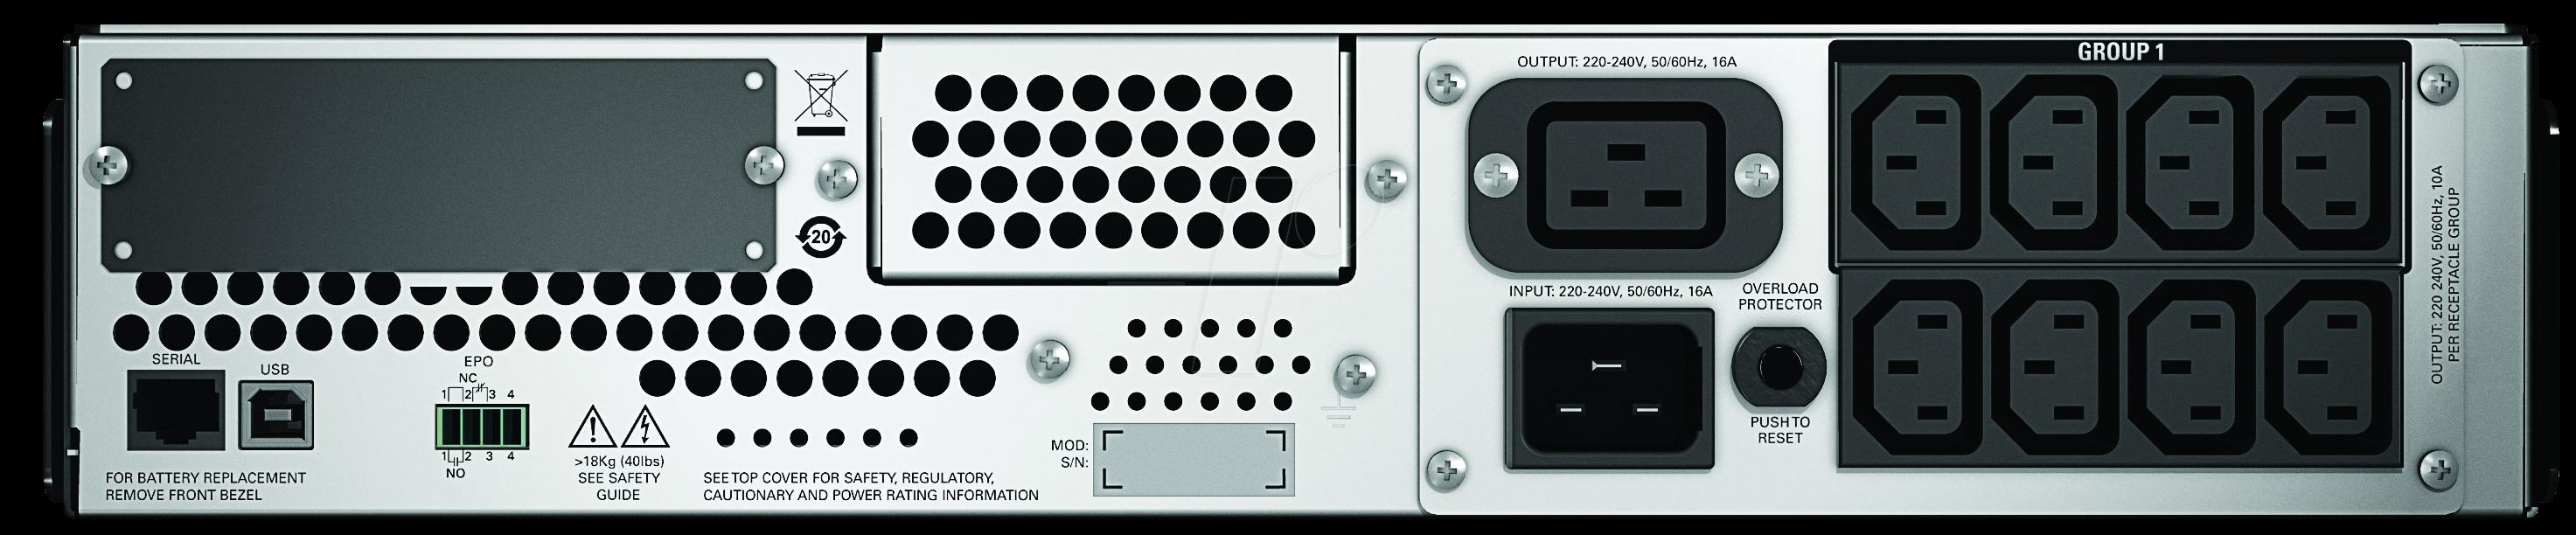 APC SMT3000RMI2U - APC Smart-UPS 3000 VA USB & serial RM 2U